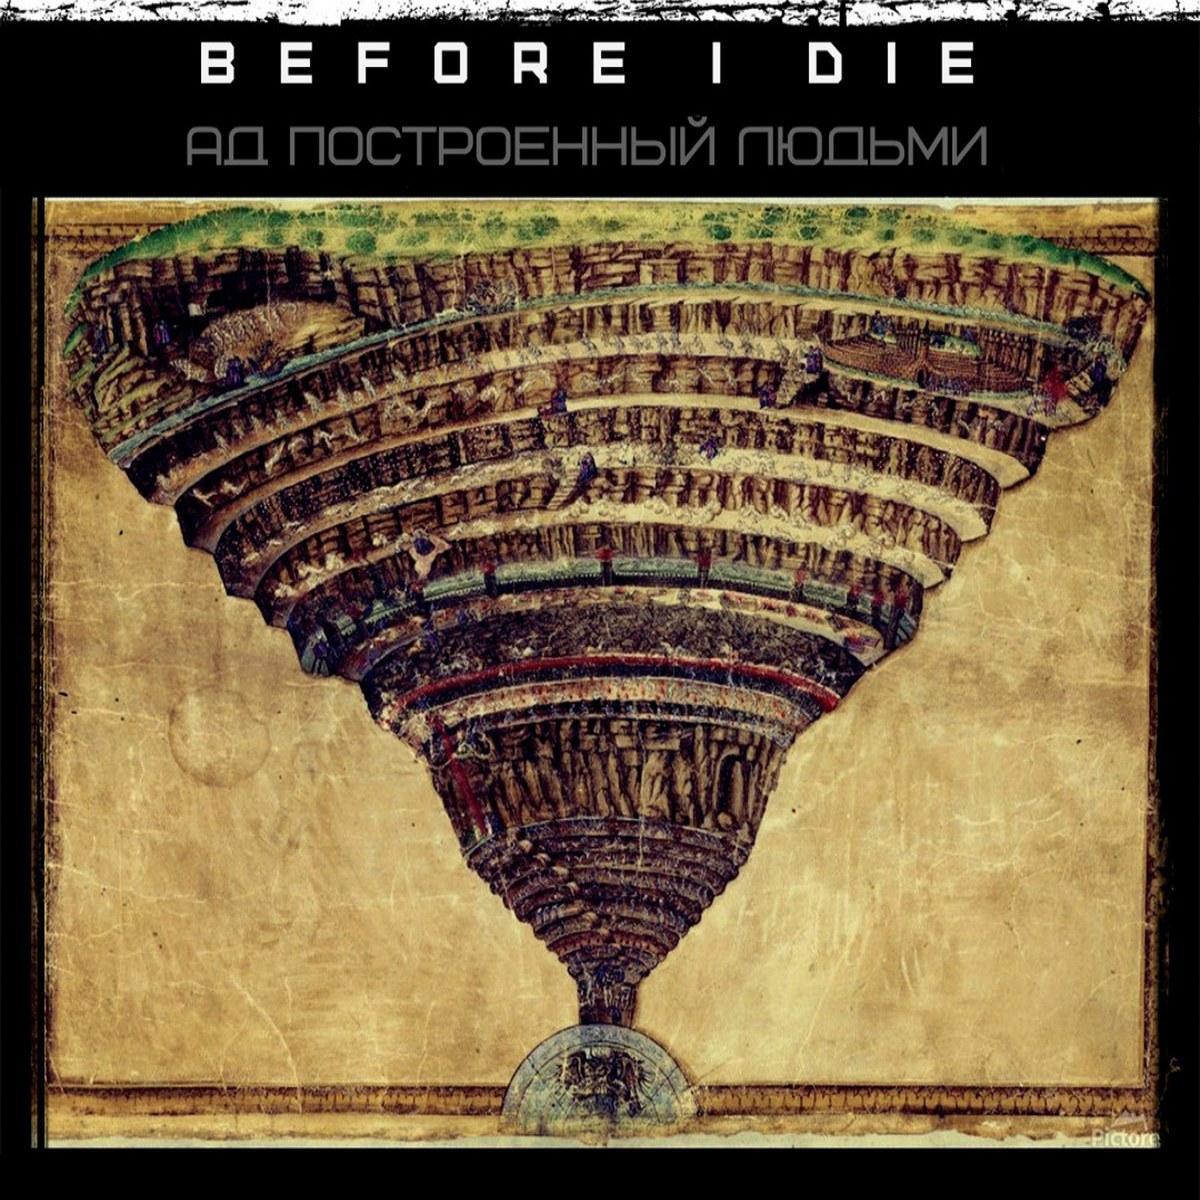 Review for Before I Die - Ад Построенный Людьми